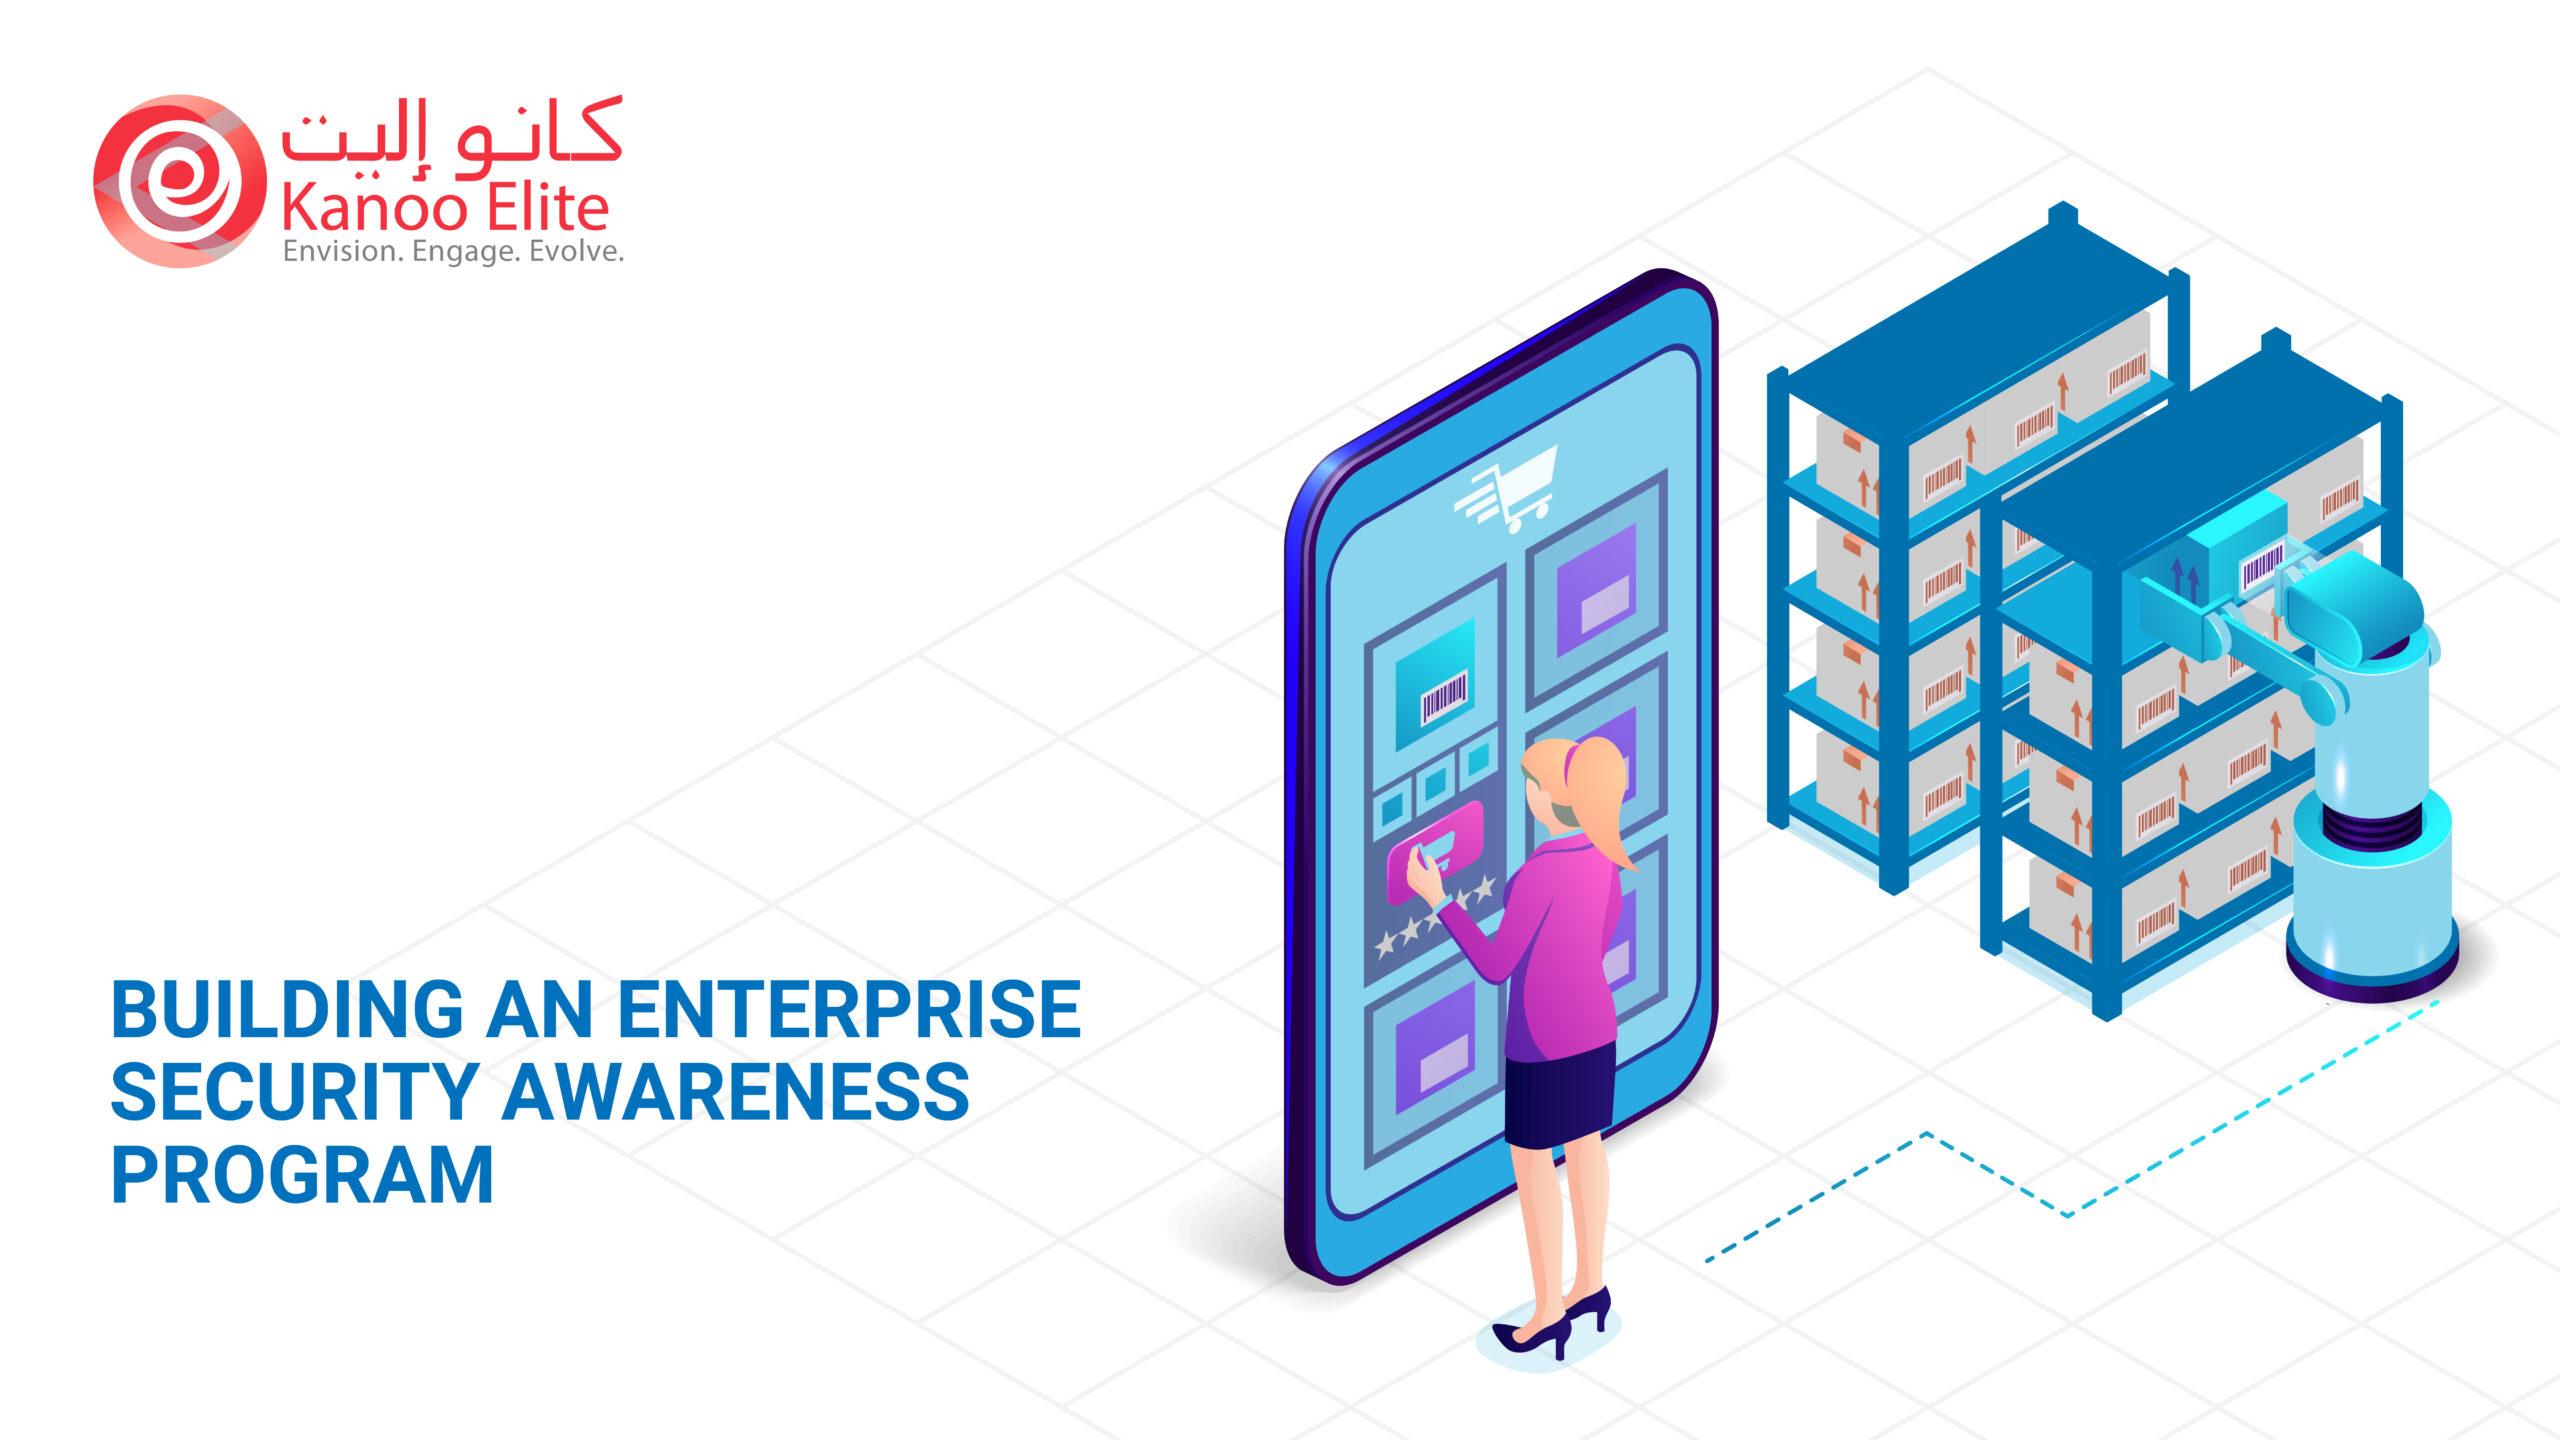 Building an Enterprise Security Awareness Program